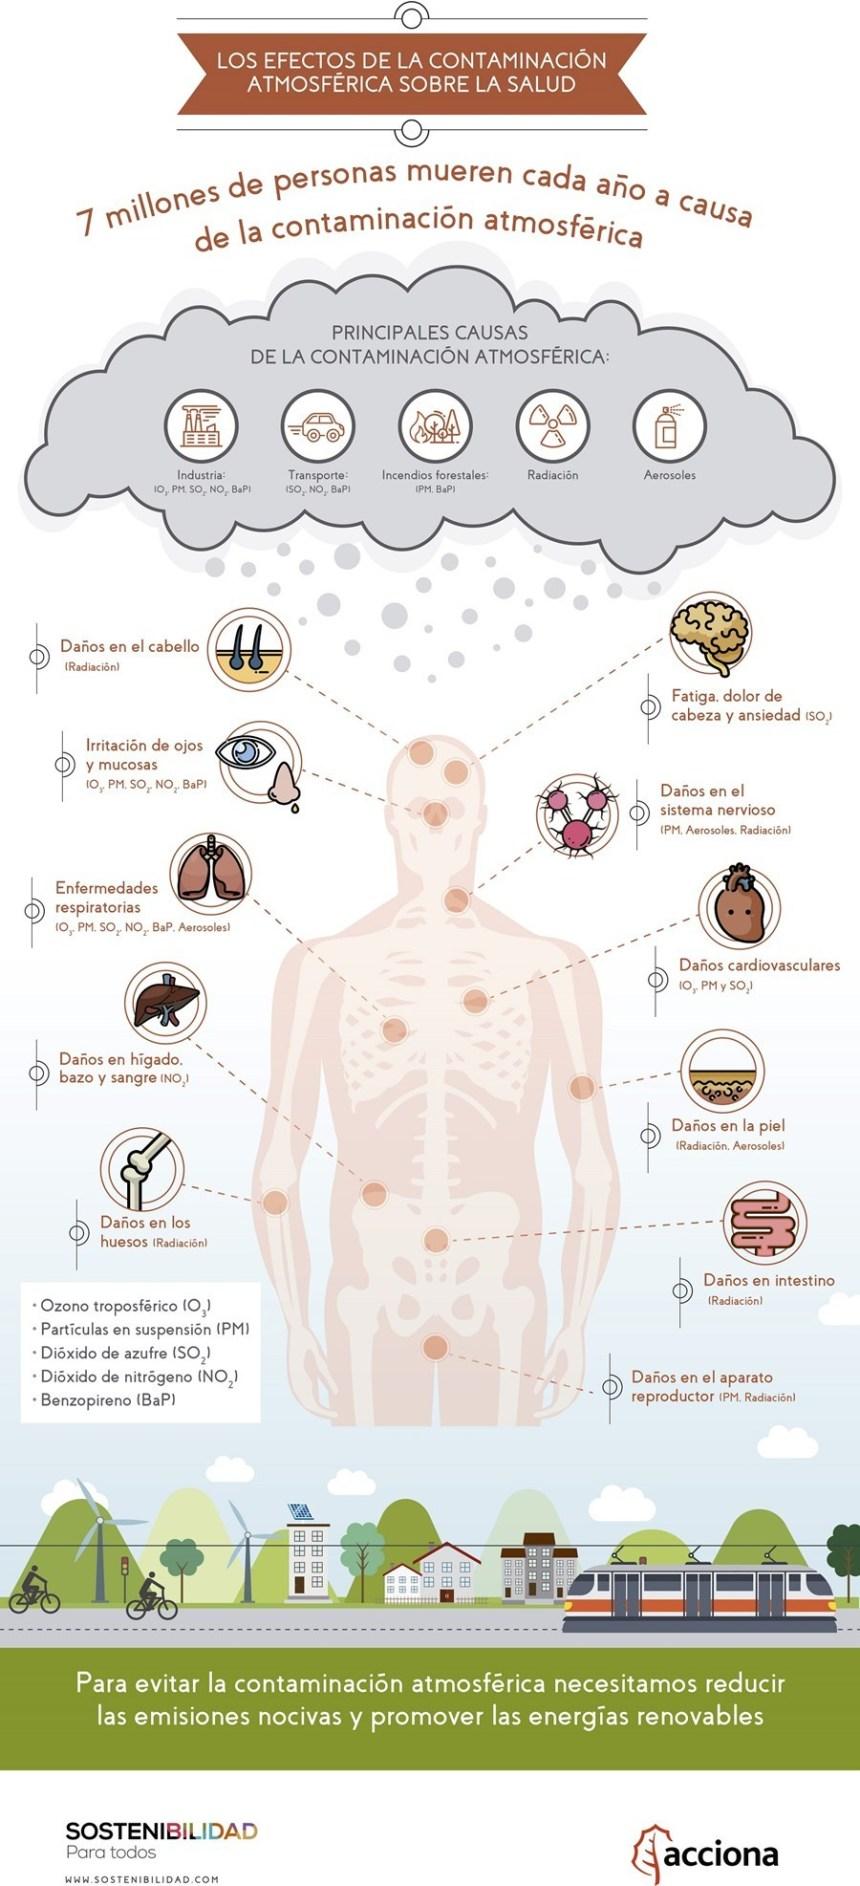 Efectos de la contaminación atmosférica sobre la salud #infografia #medioambiente #salud